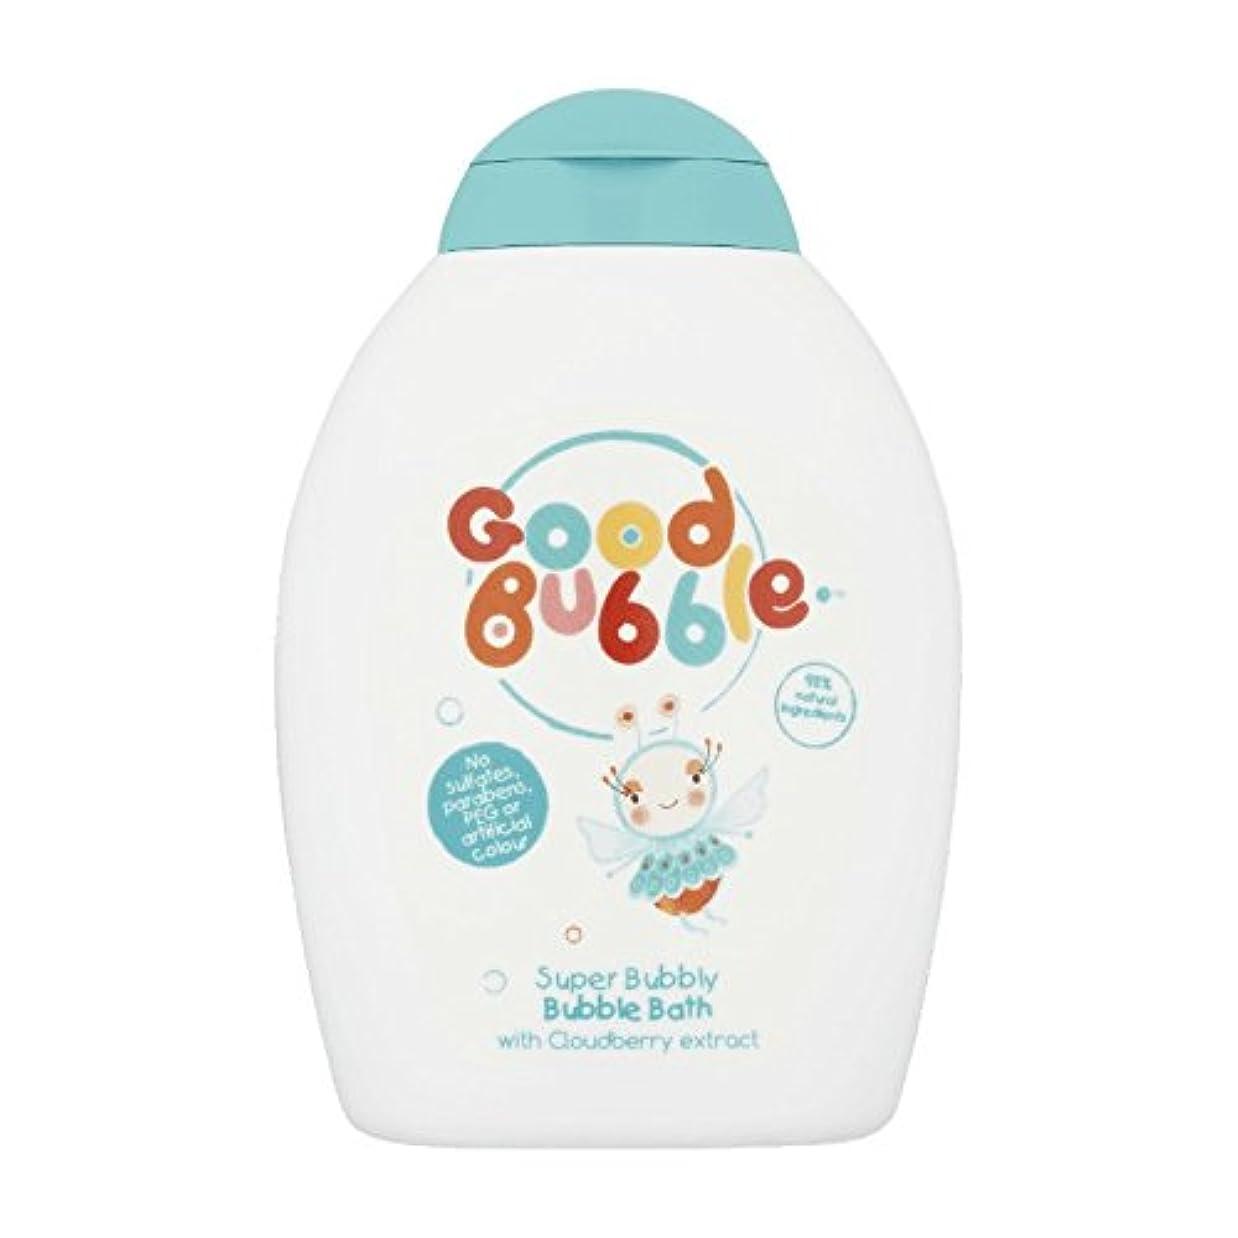 レイア無法者特許Good Bubble Cloudberry Bubble Bath 400ml (Pack of 2) - 良いバブルクラウドベリーバブルバス400ミリリットル (x2) [並行輸入品]